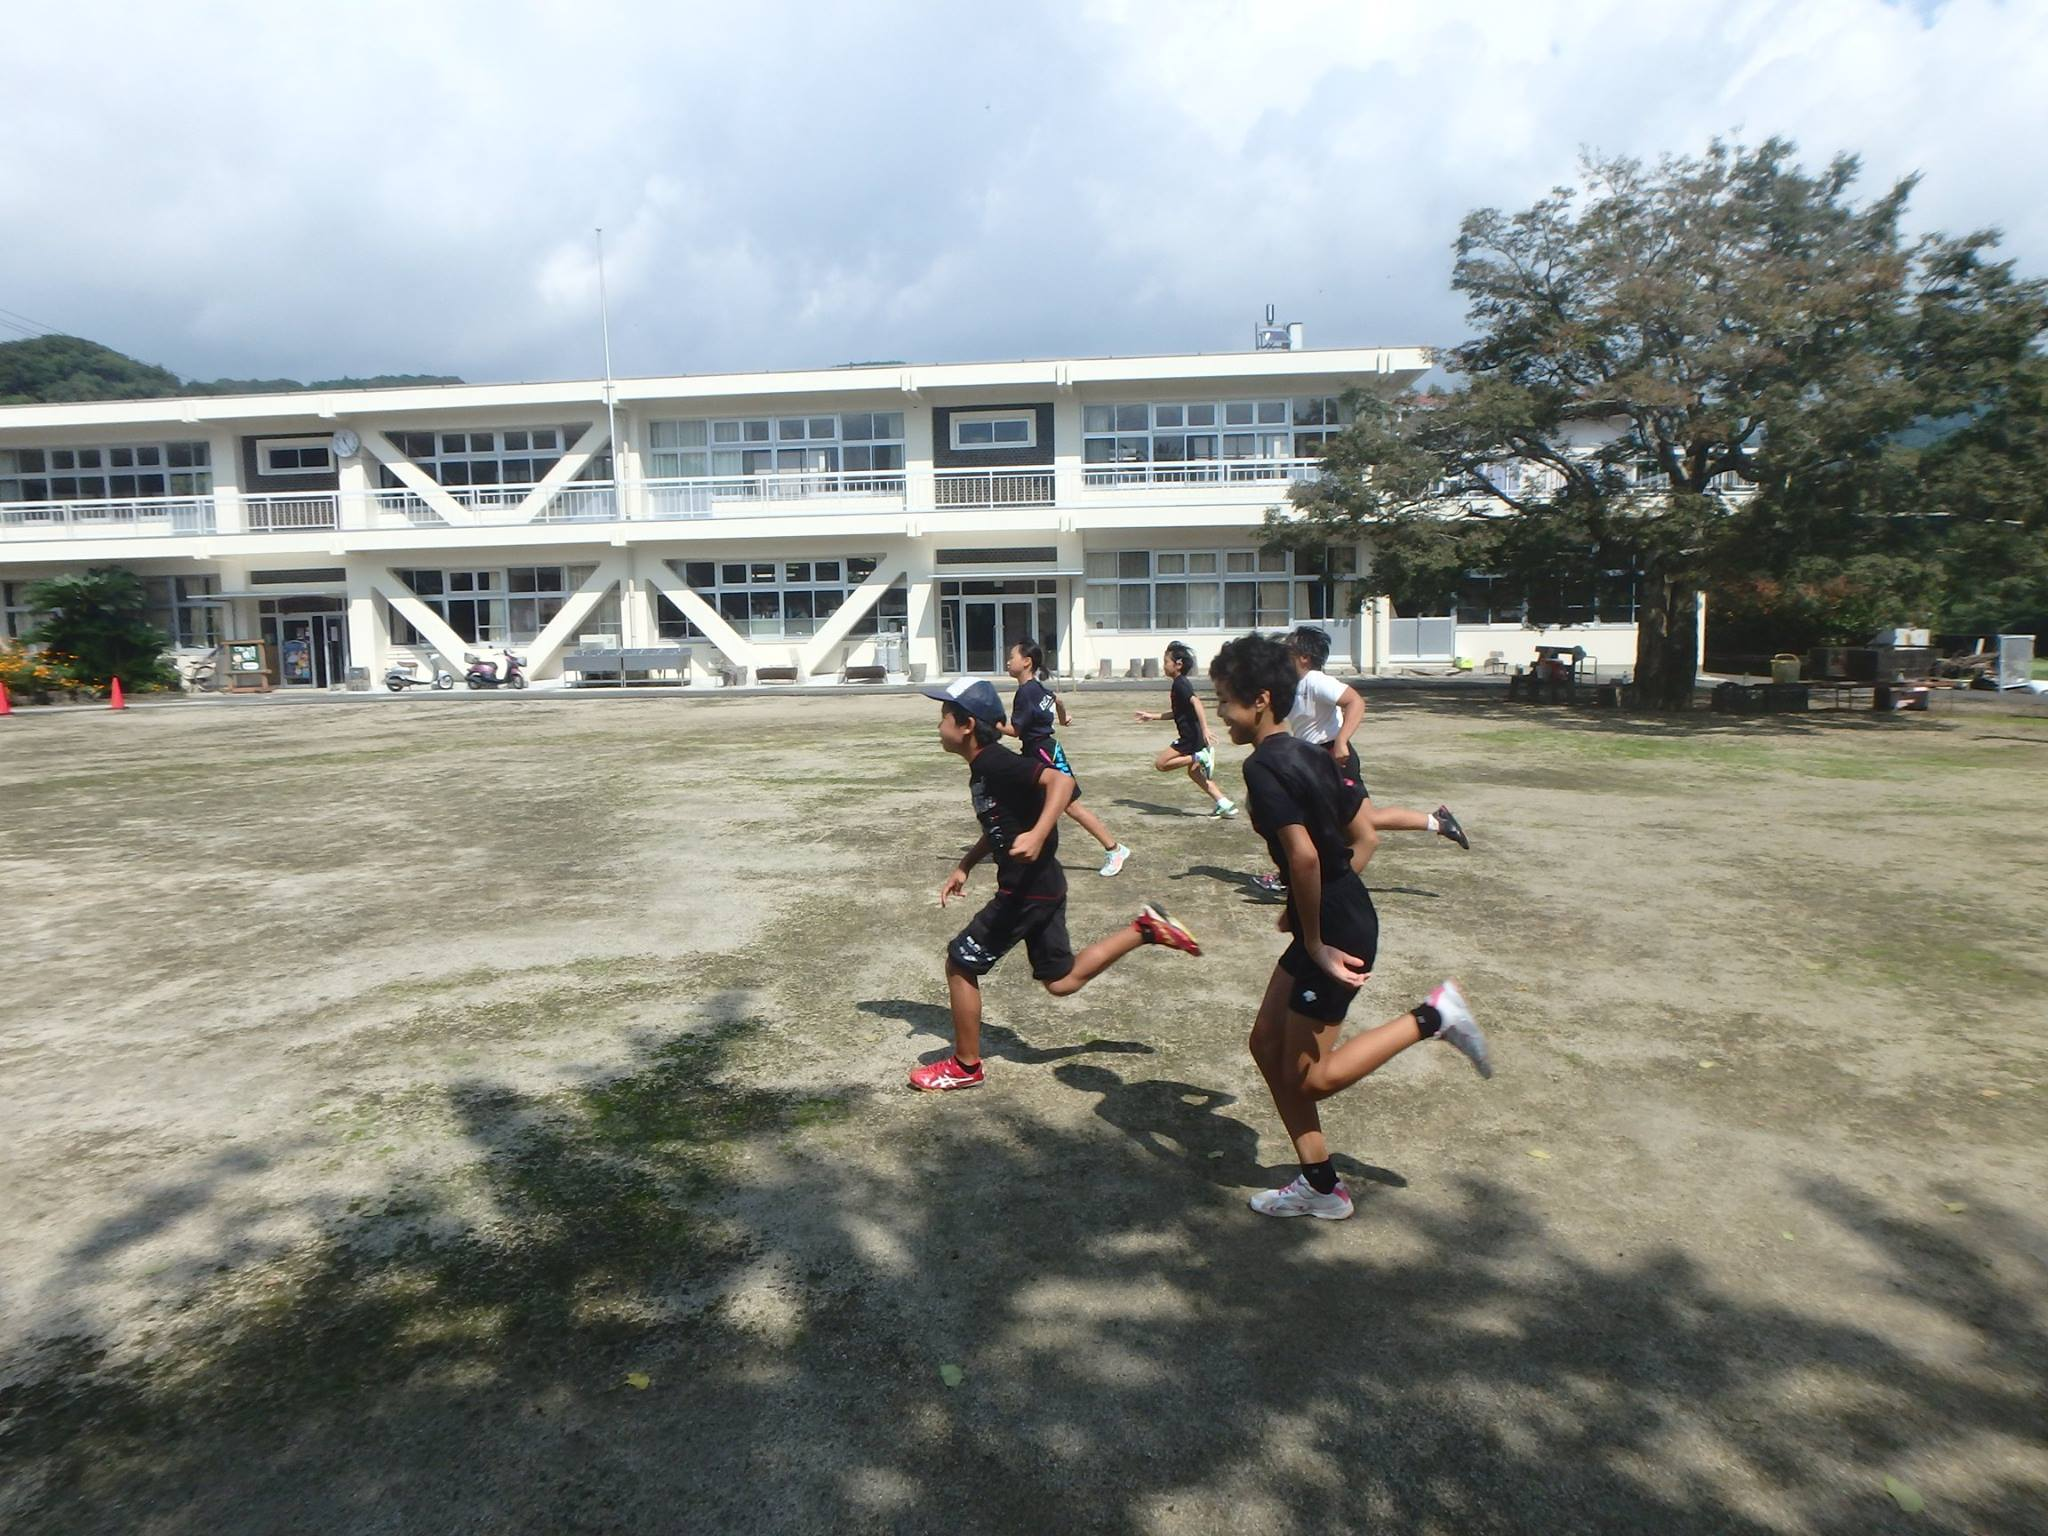 速く走るためには頑張るんじゃなくて考える。